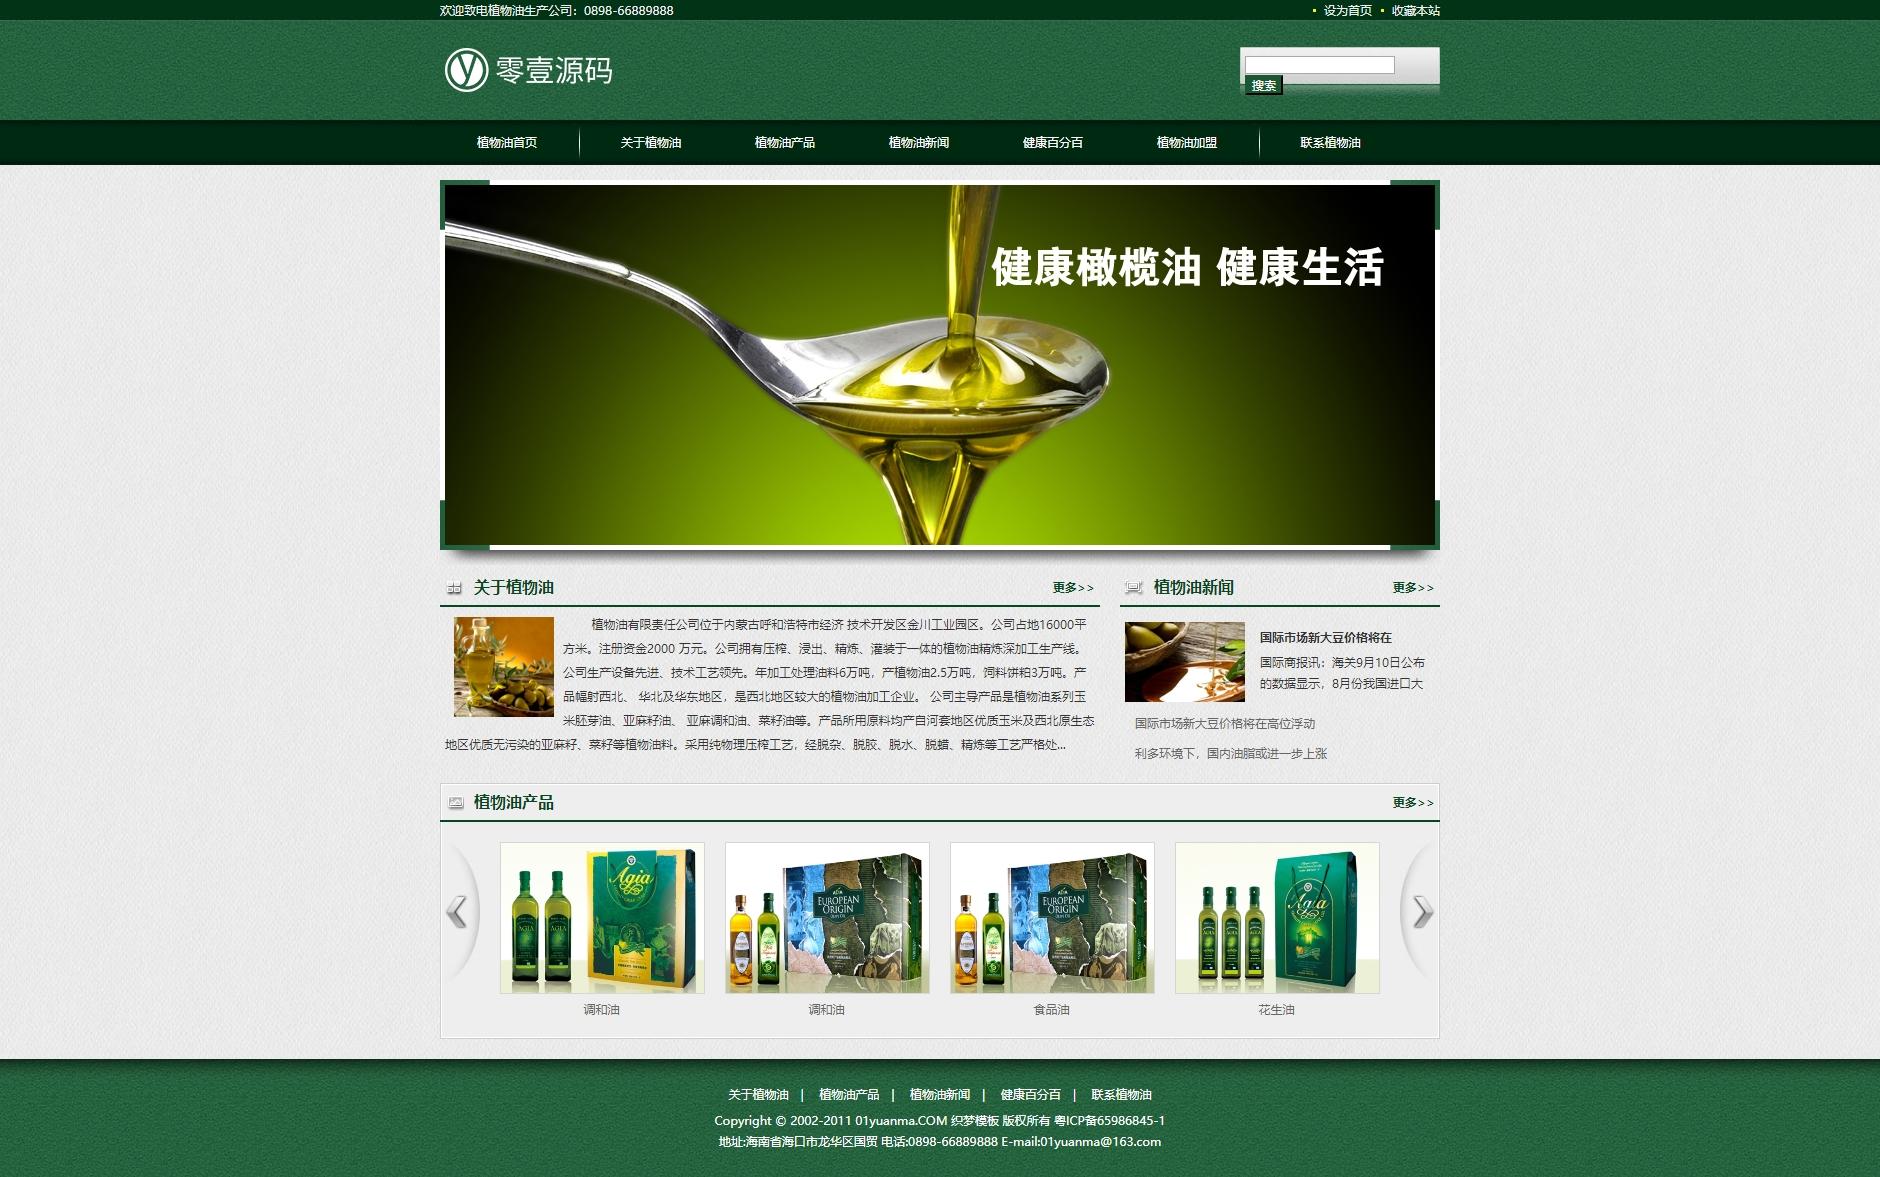 生物科技植物食品油类公司网站织梦dedecms模板